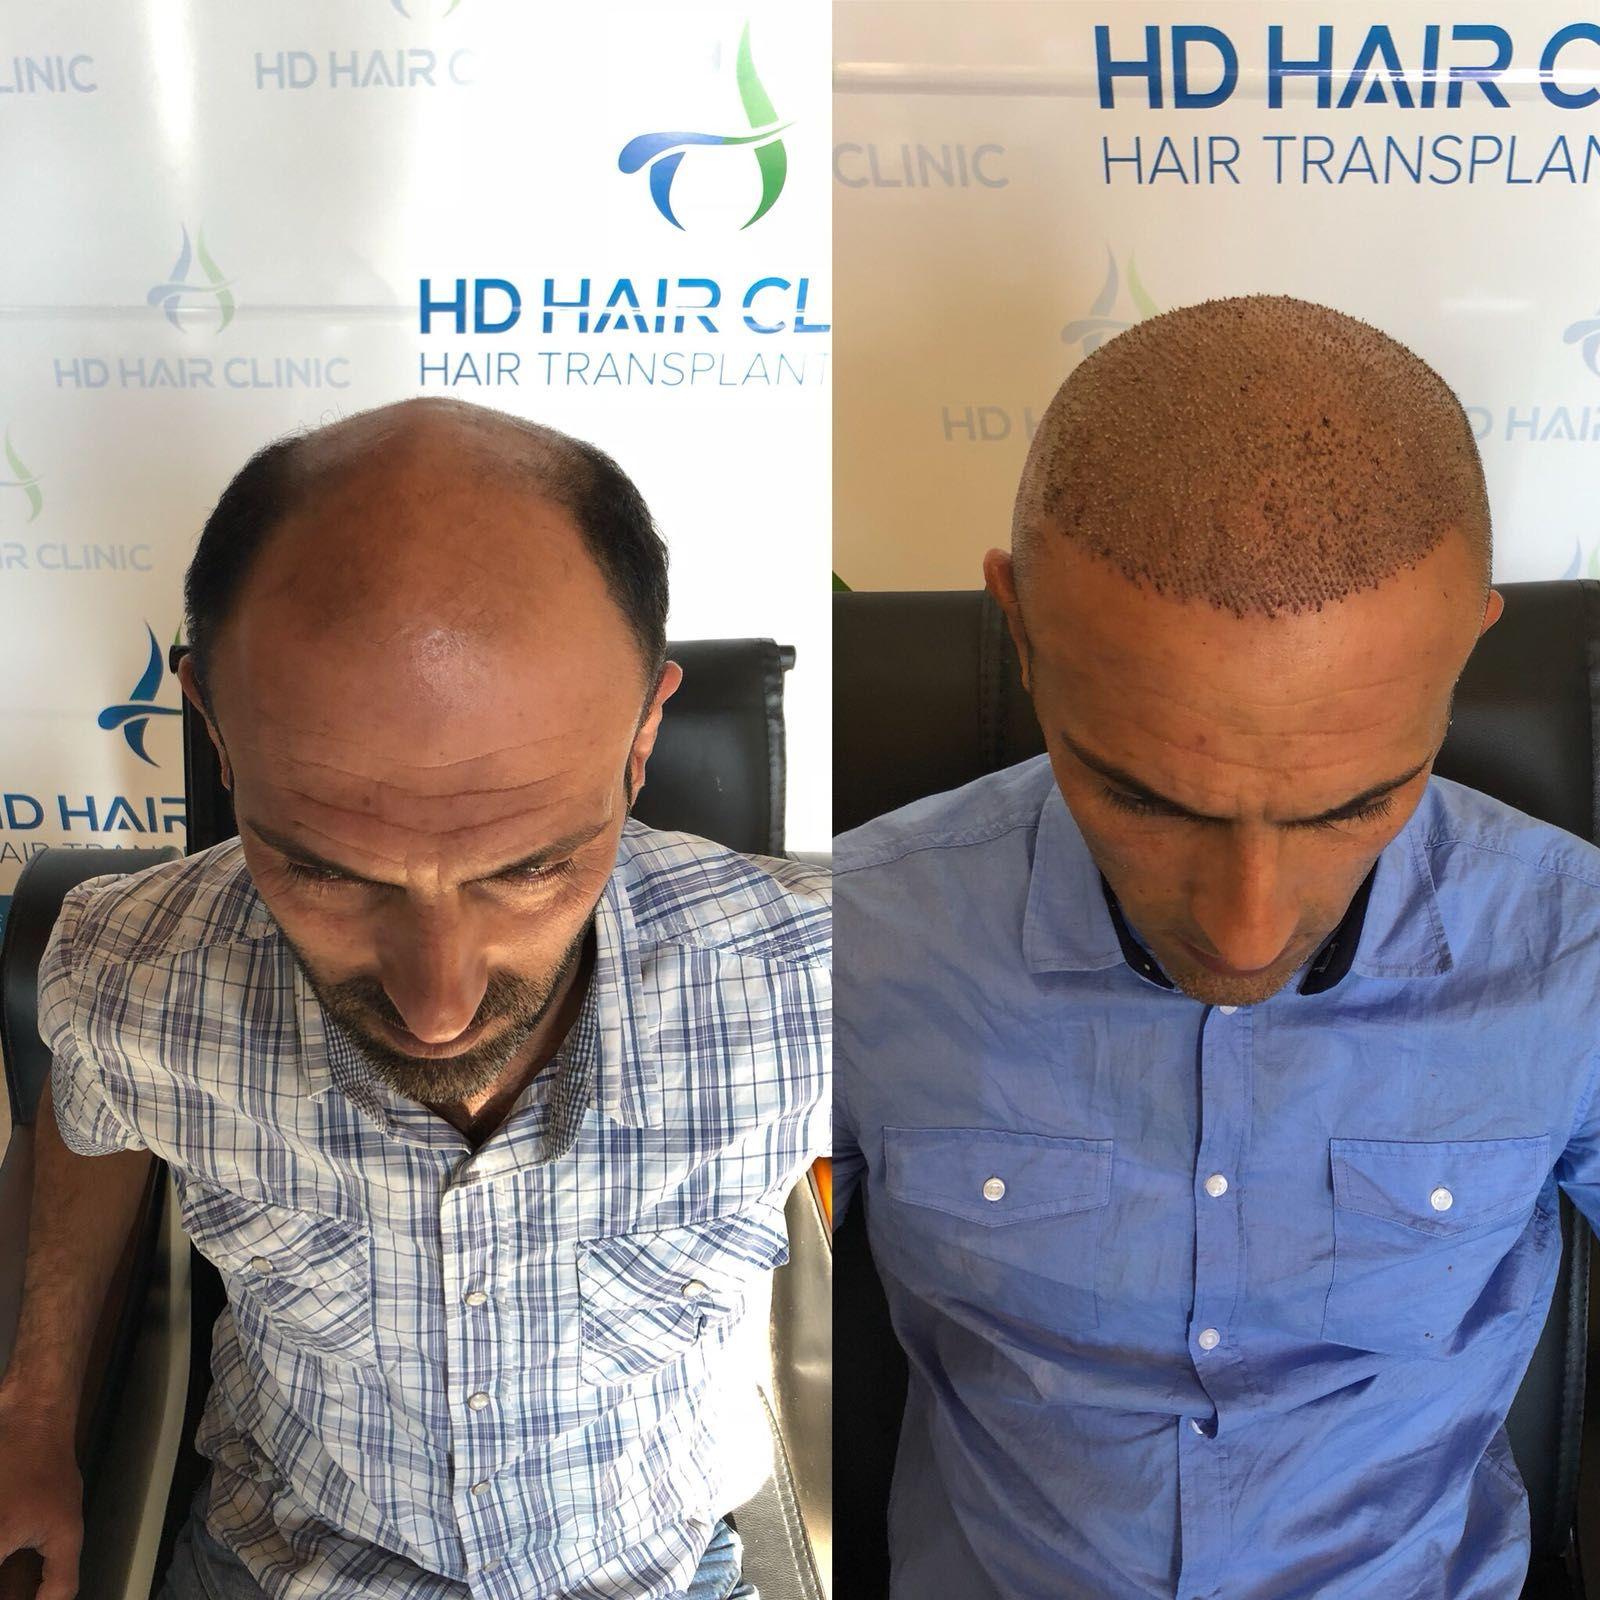 Hd Hair Clinic Adli Kullanicinin Sac Ekimi Panosundaki Pin Sac